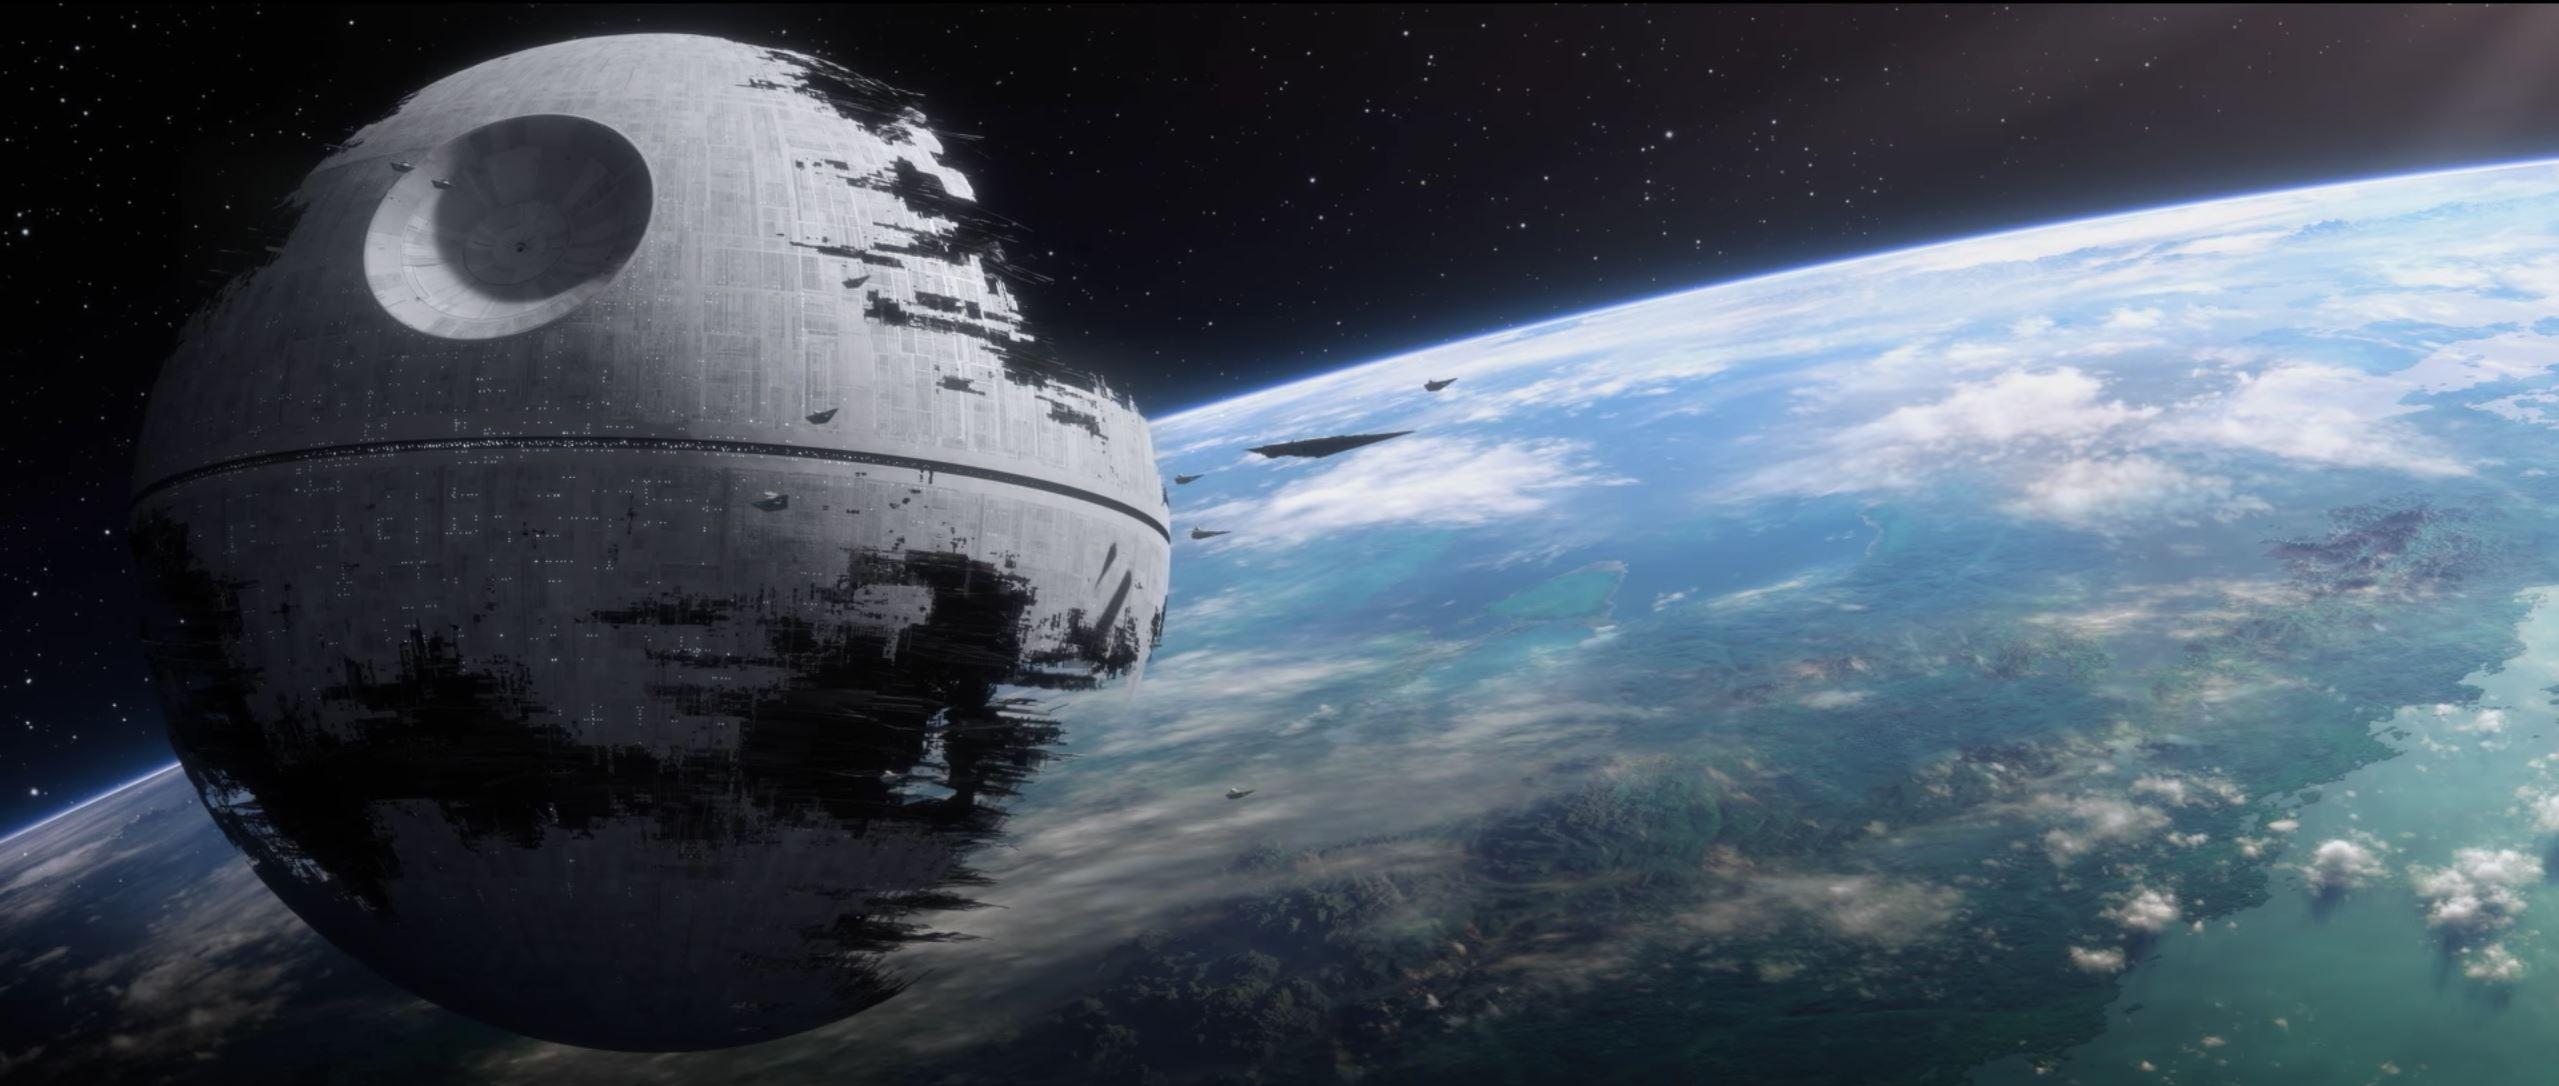 Hoffentlich wird Star Wars Battlefront 2 so episch wie dieser Trailer!